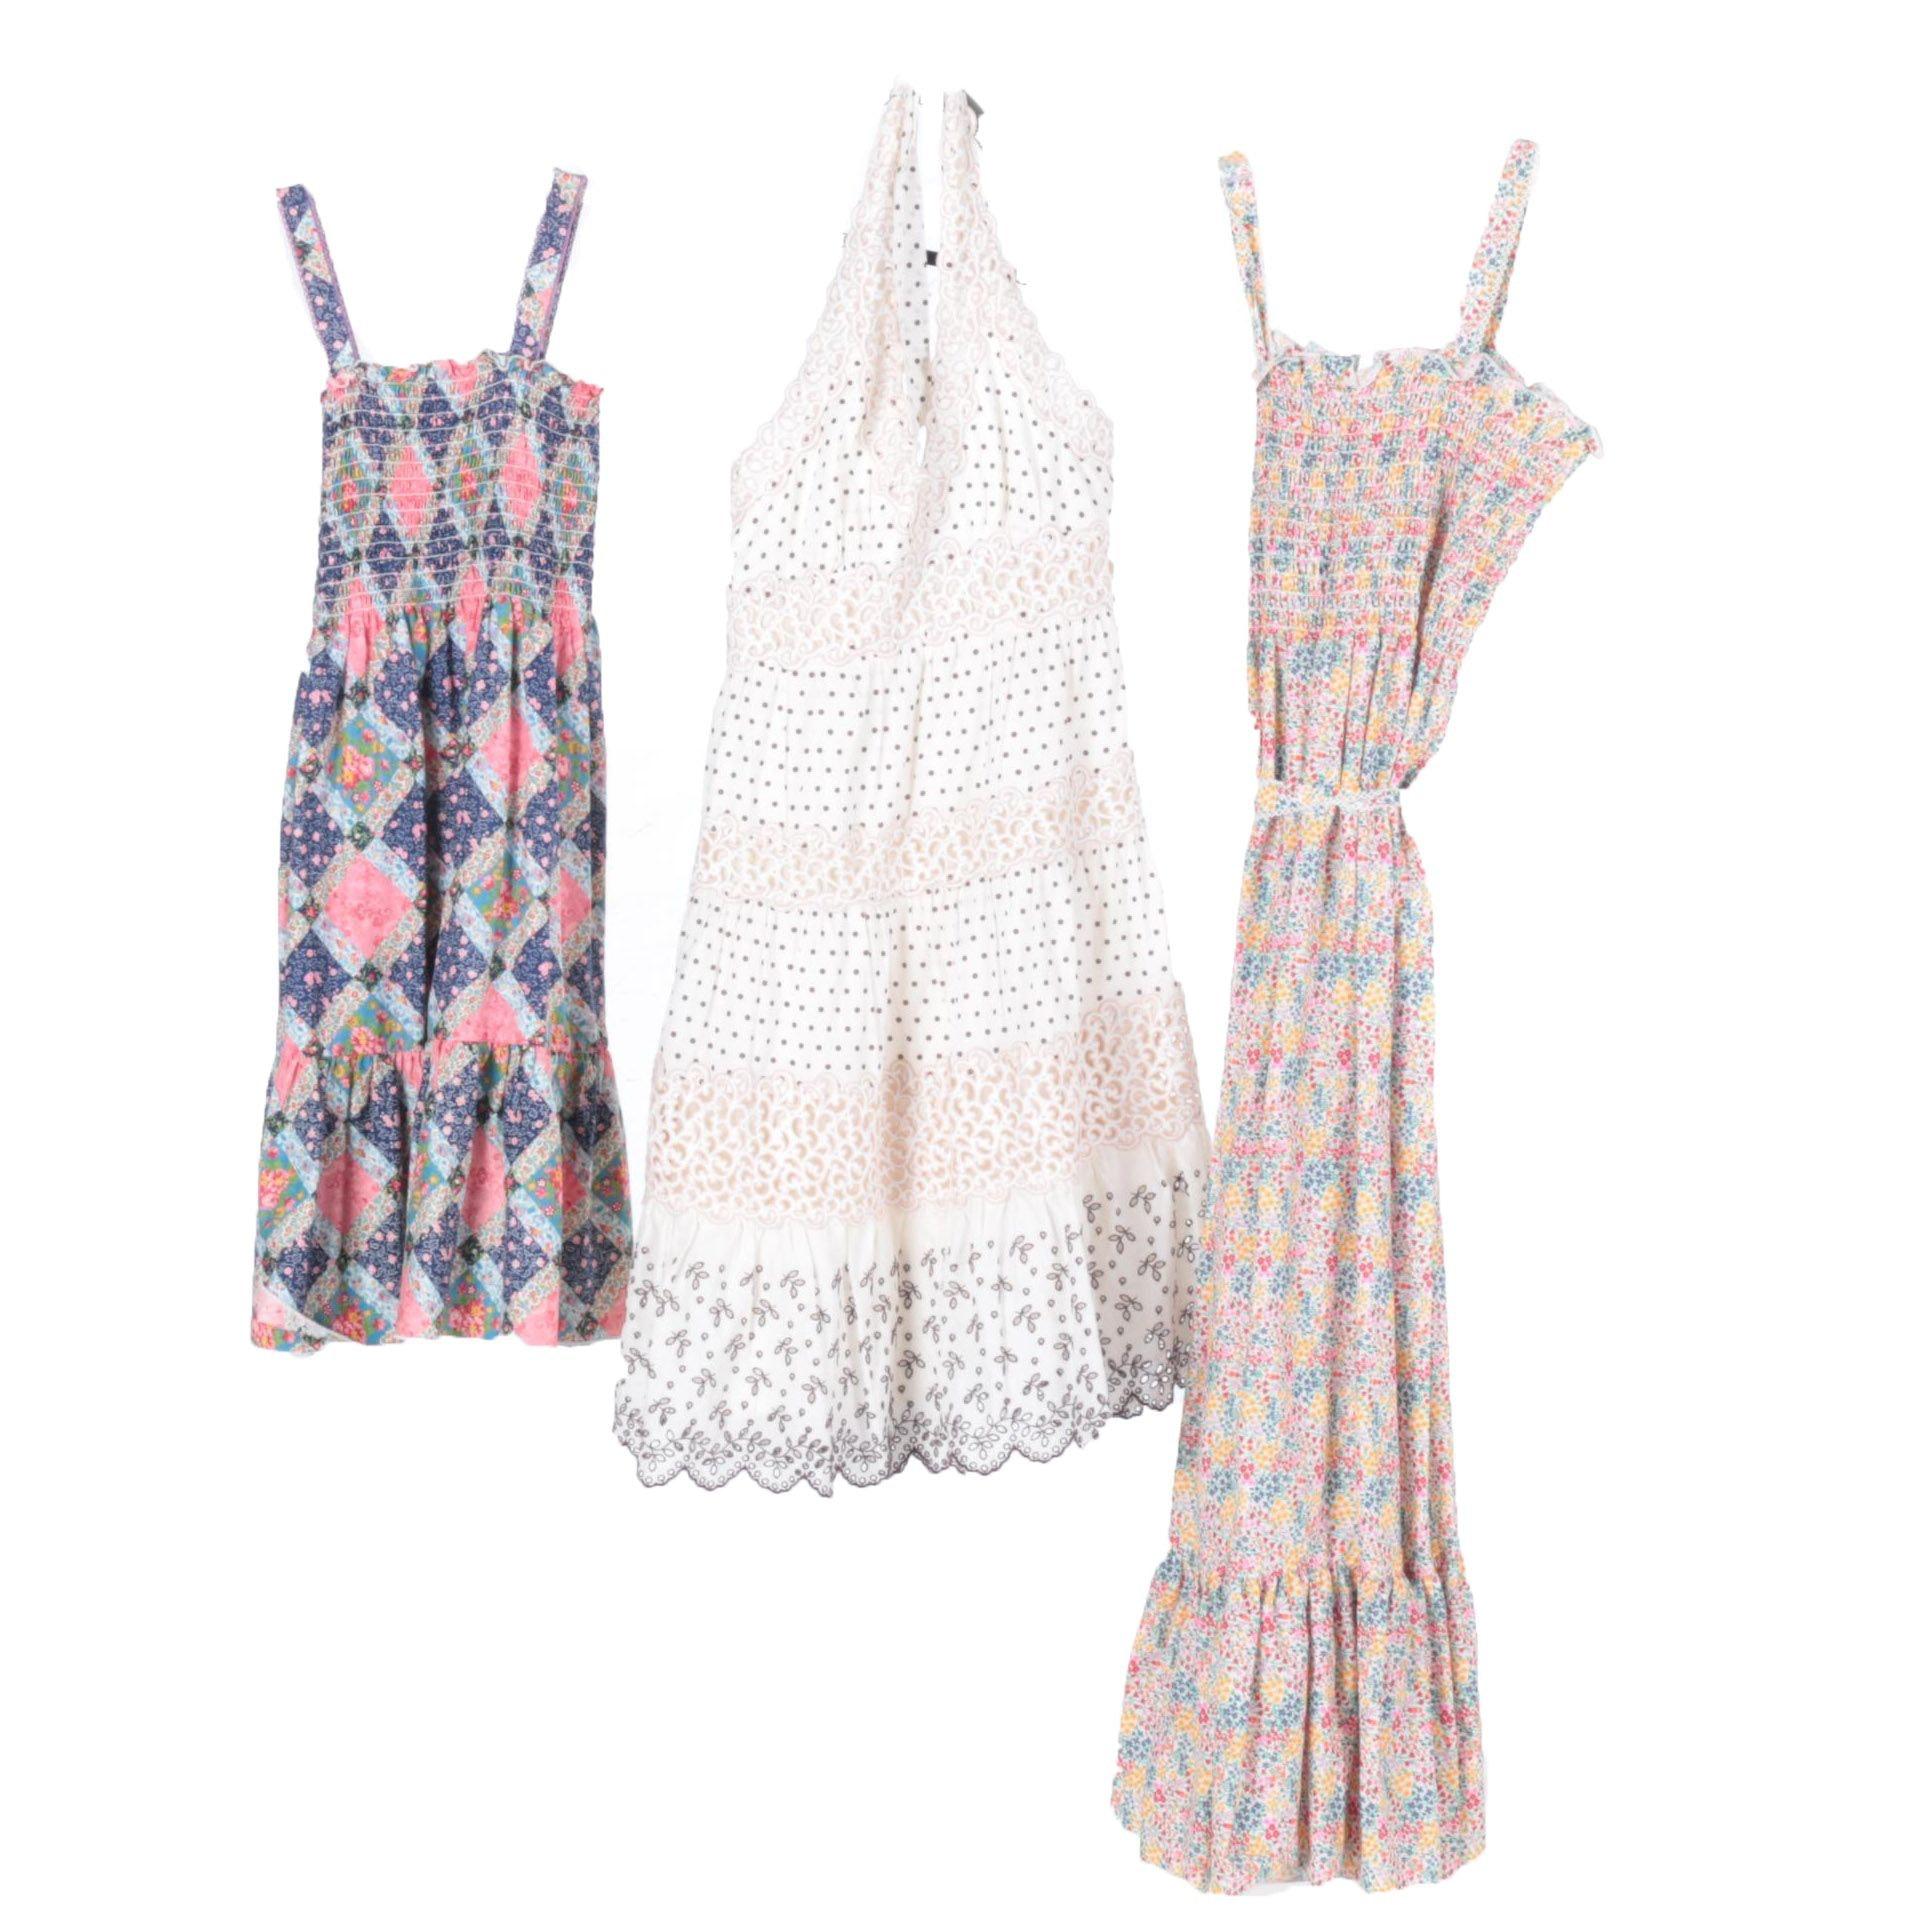 Day Dresses Including BCBG